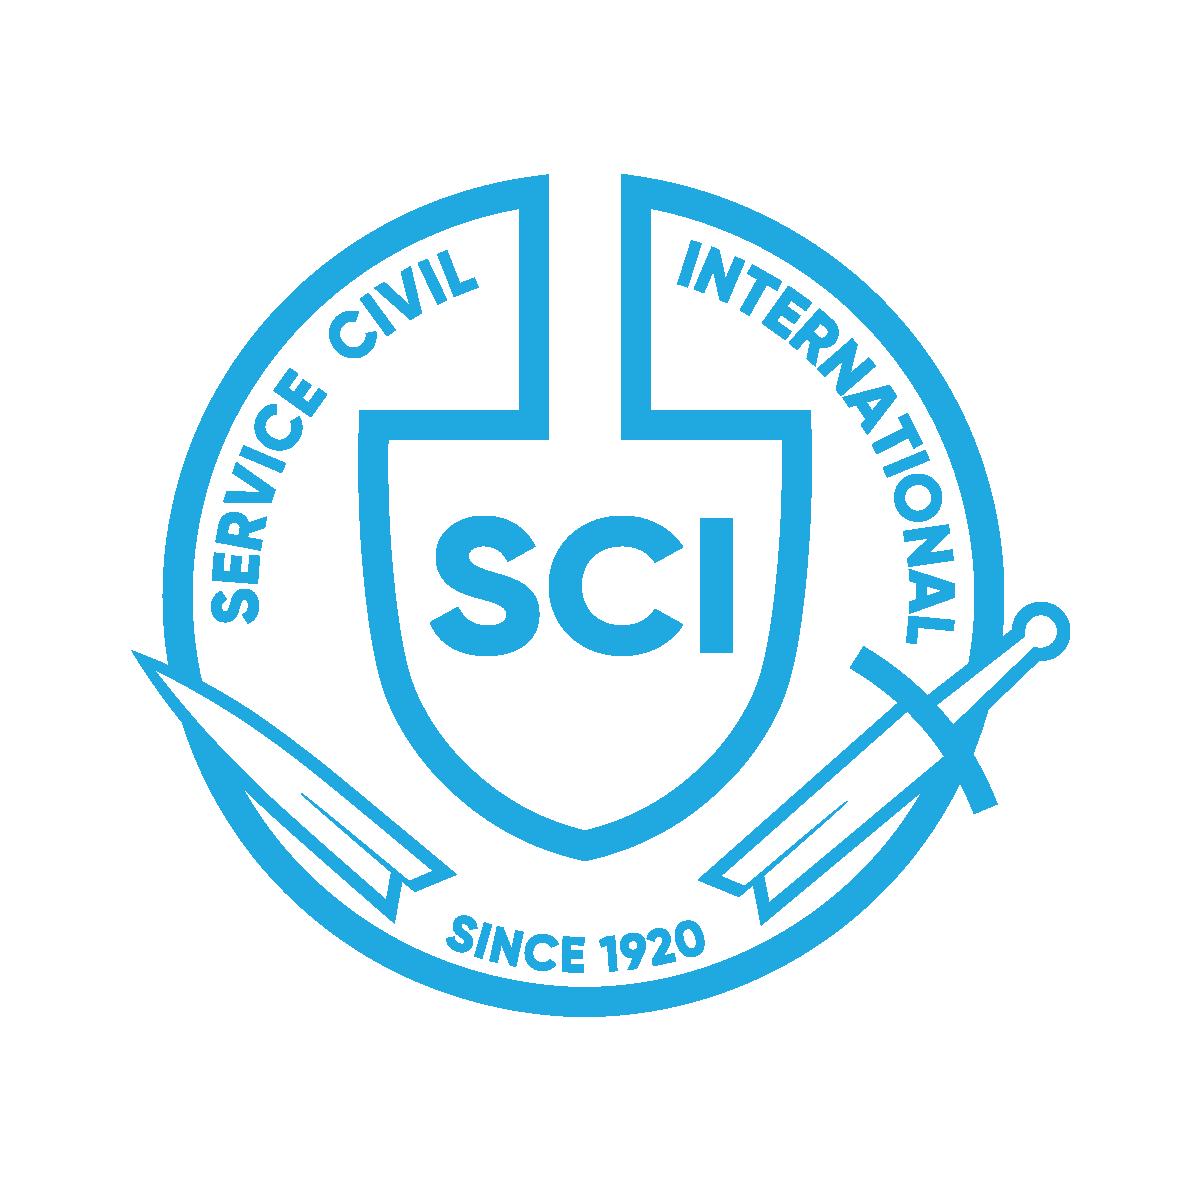 SCI_logo_blue.png